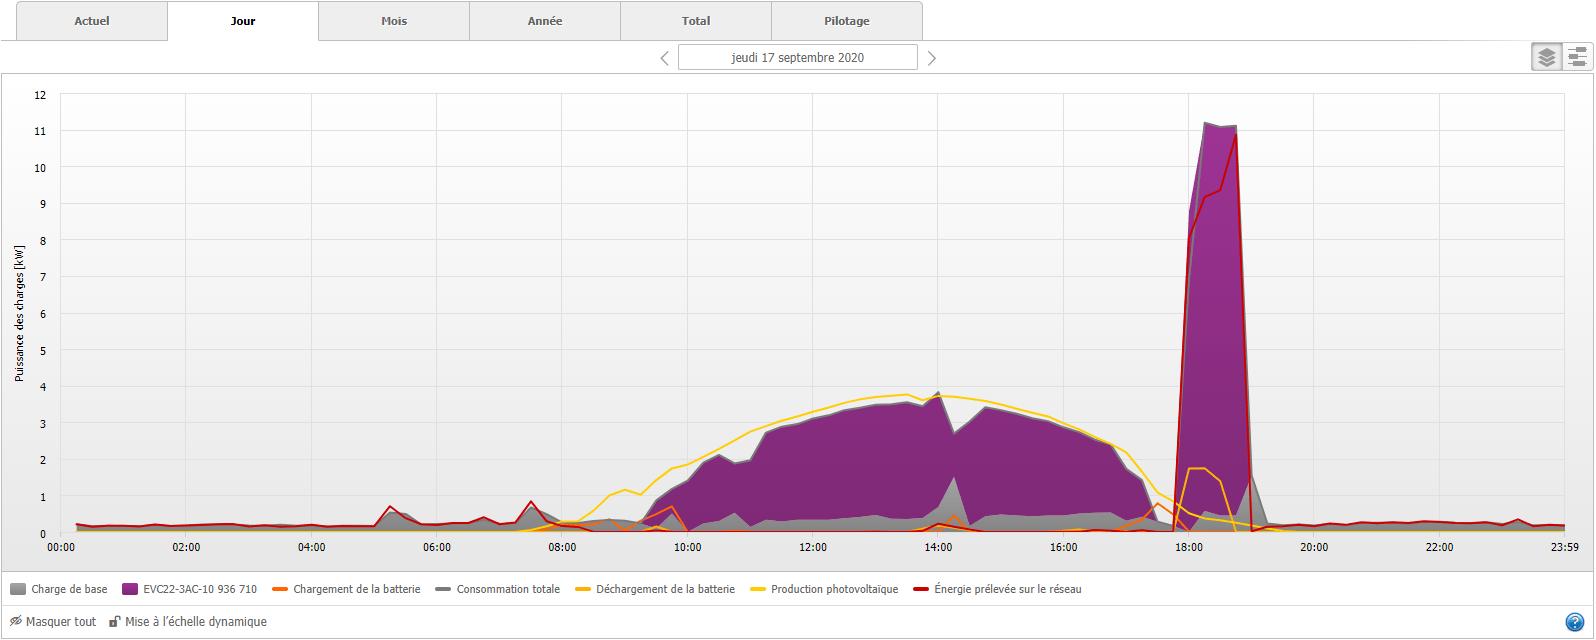 Recharge basée sur les prévisions : lorsque vous entrez les objectifs de charge dans l'application SMA Energy, le Sunny Home Manager 2.0 planifie intelligemment le chargement et optimise les prix pour atteindre votre objectif de départ dans les temps.